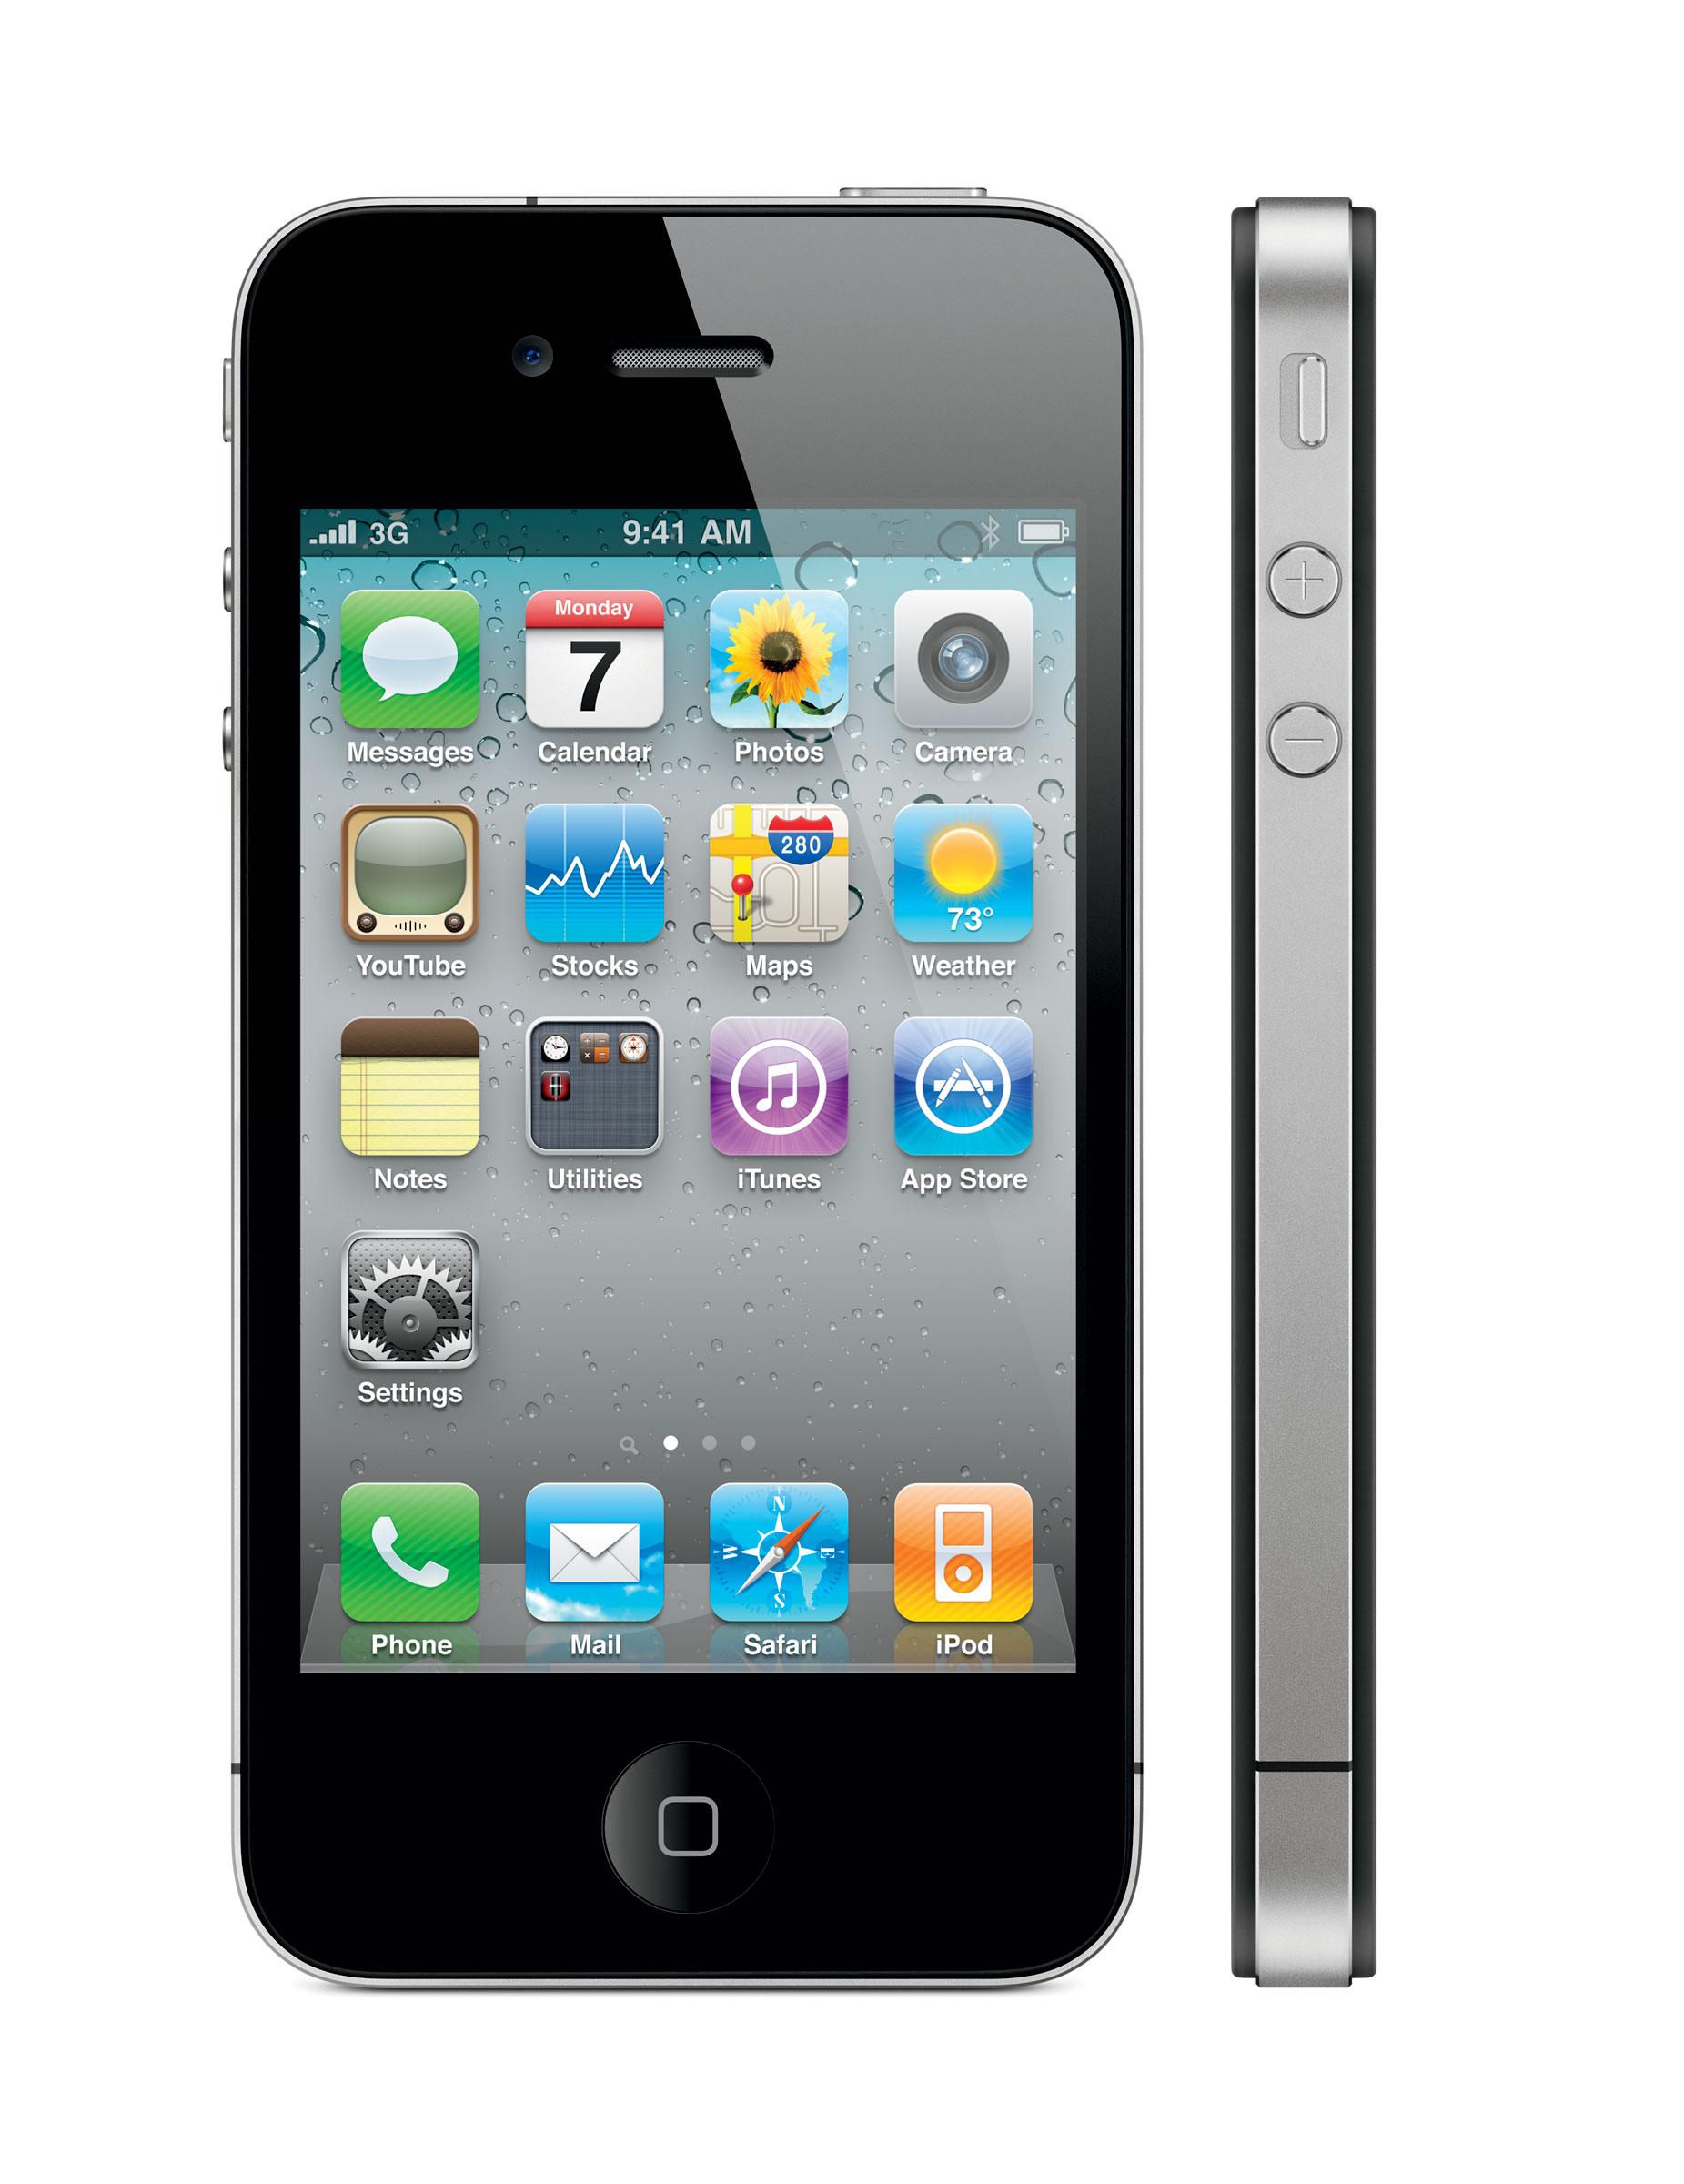 сколько стоит айфон 4 (iPhone 4) в связном в Москве